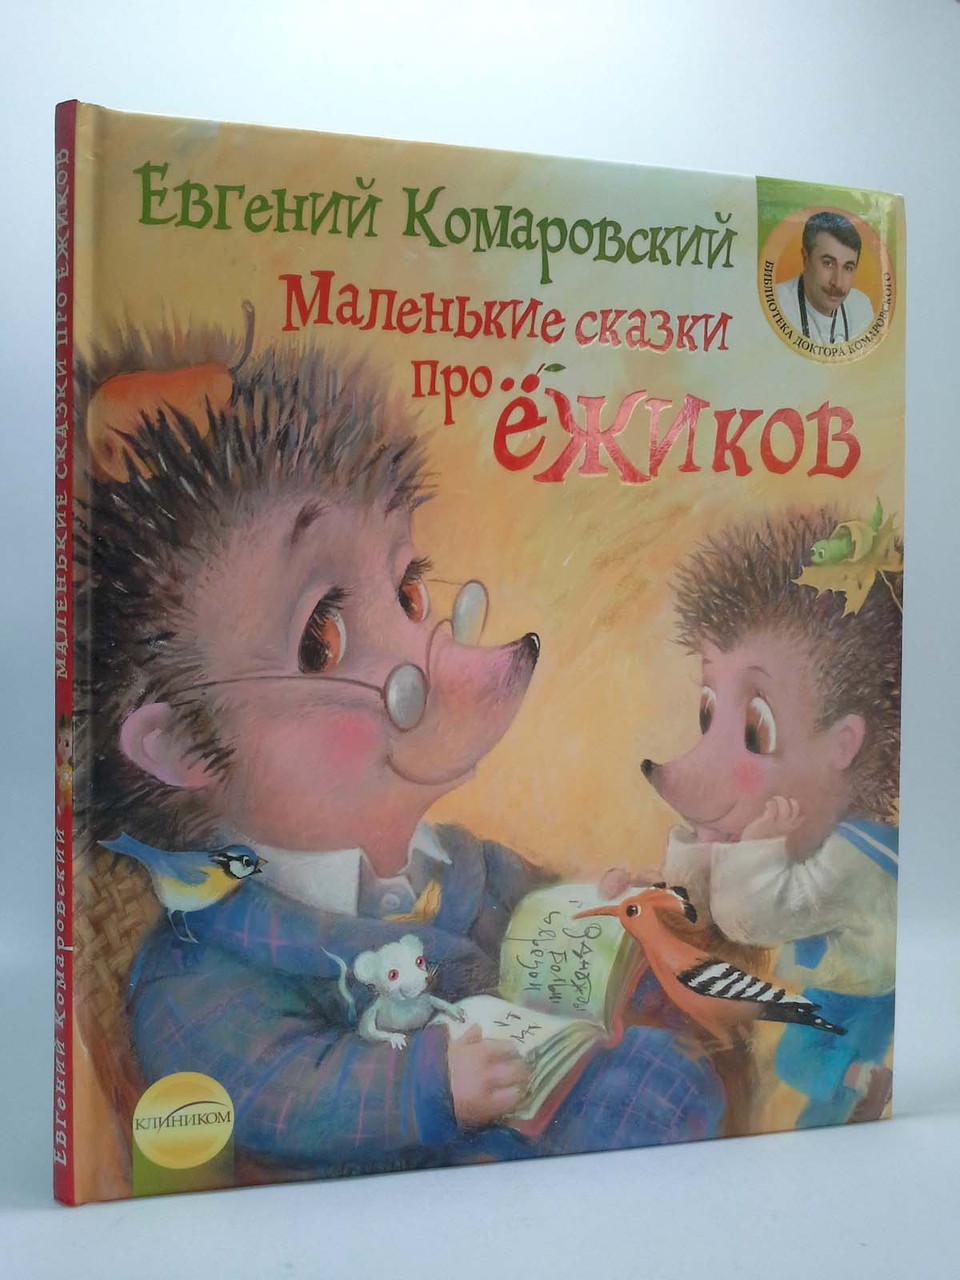 Маленькі казки про їжачків. Комаровський. Клиником